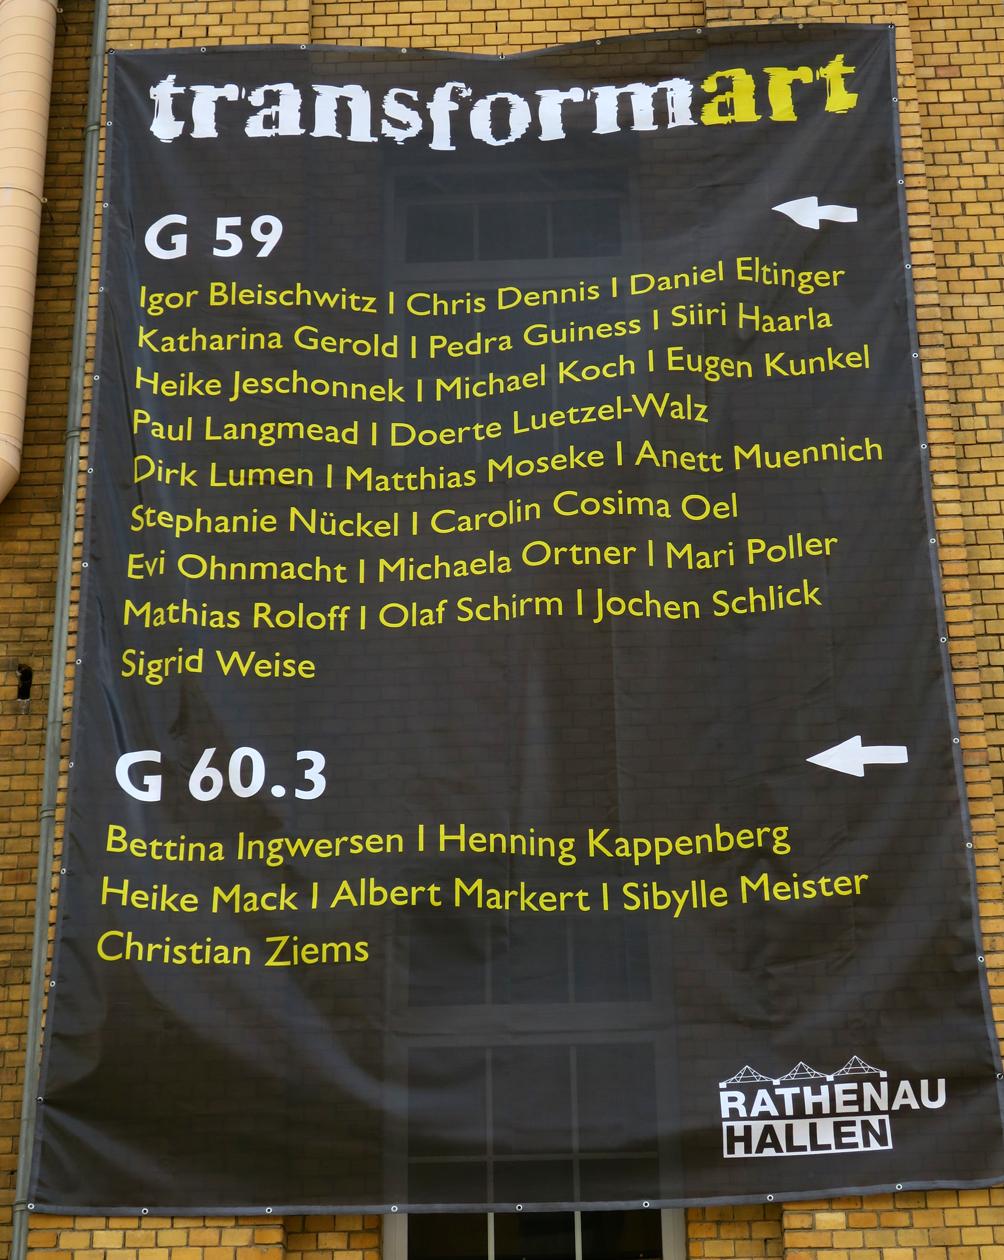 Elegant Meister Koch Dekoration Von Transformart, Berlin Part 3 Of 3.